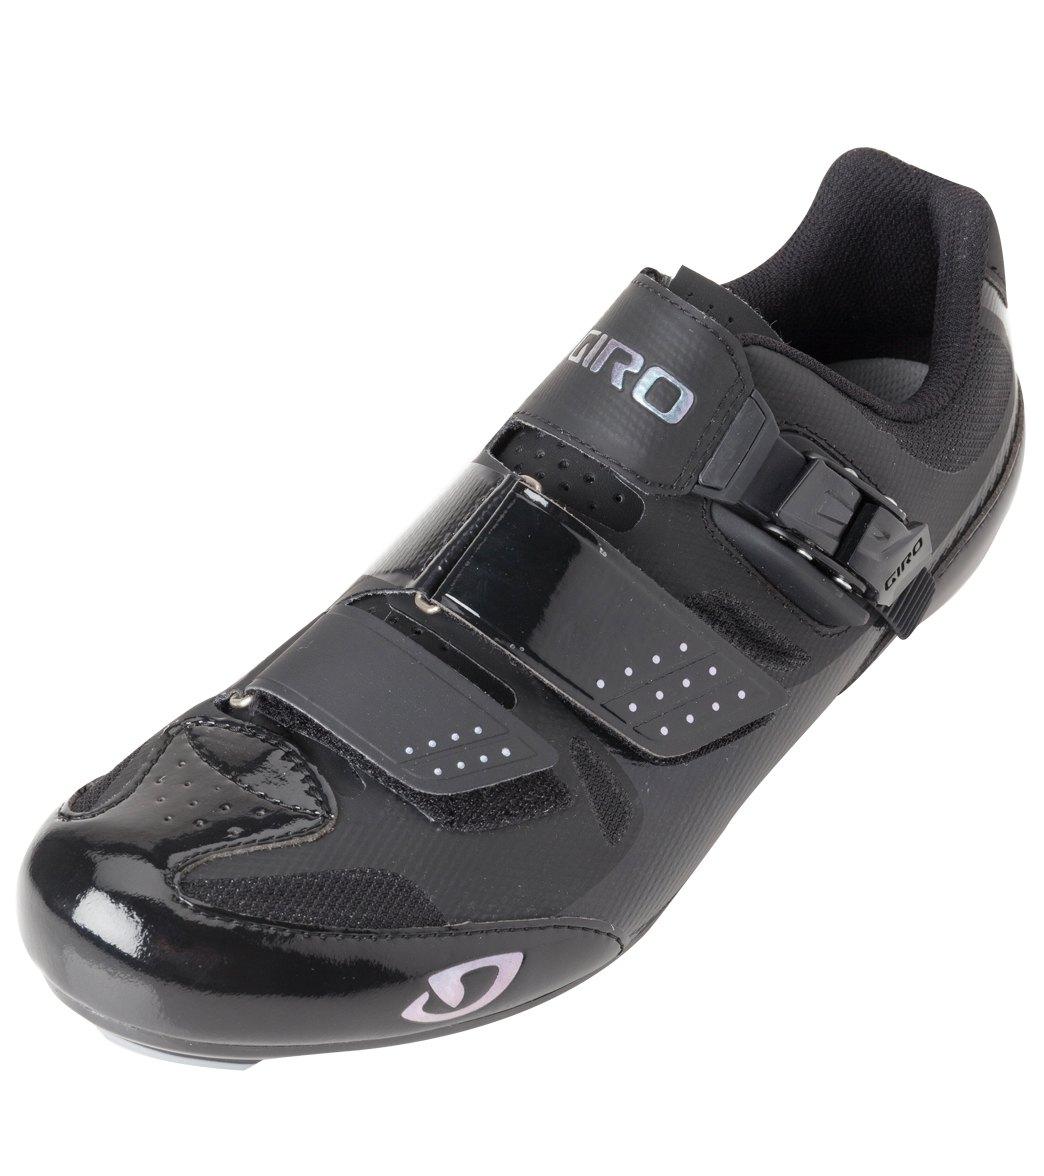 2351482ec6d Giro Women s Solara II Cycling Shoes at SwimOutlet.com - Free Shipping